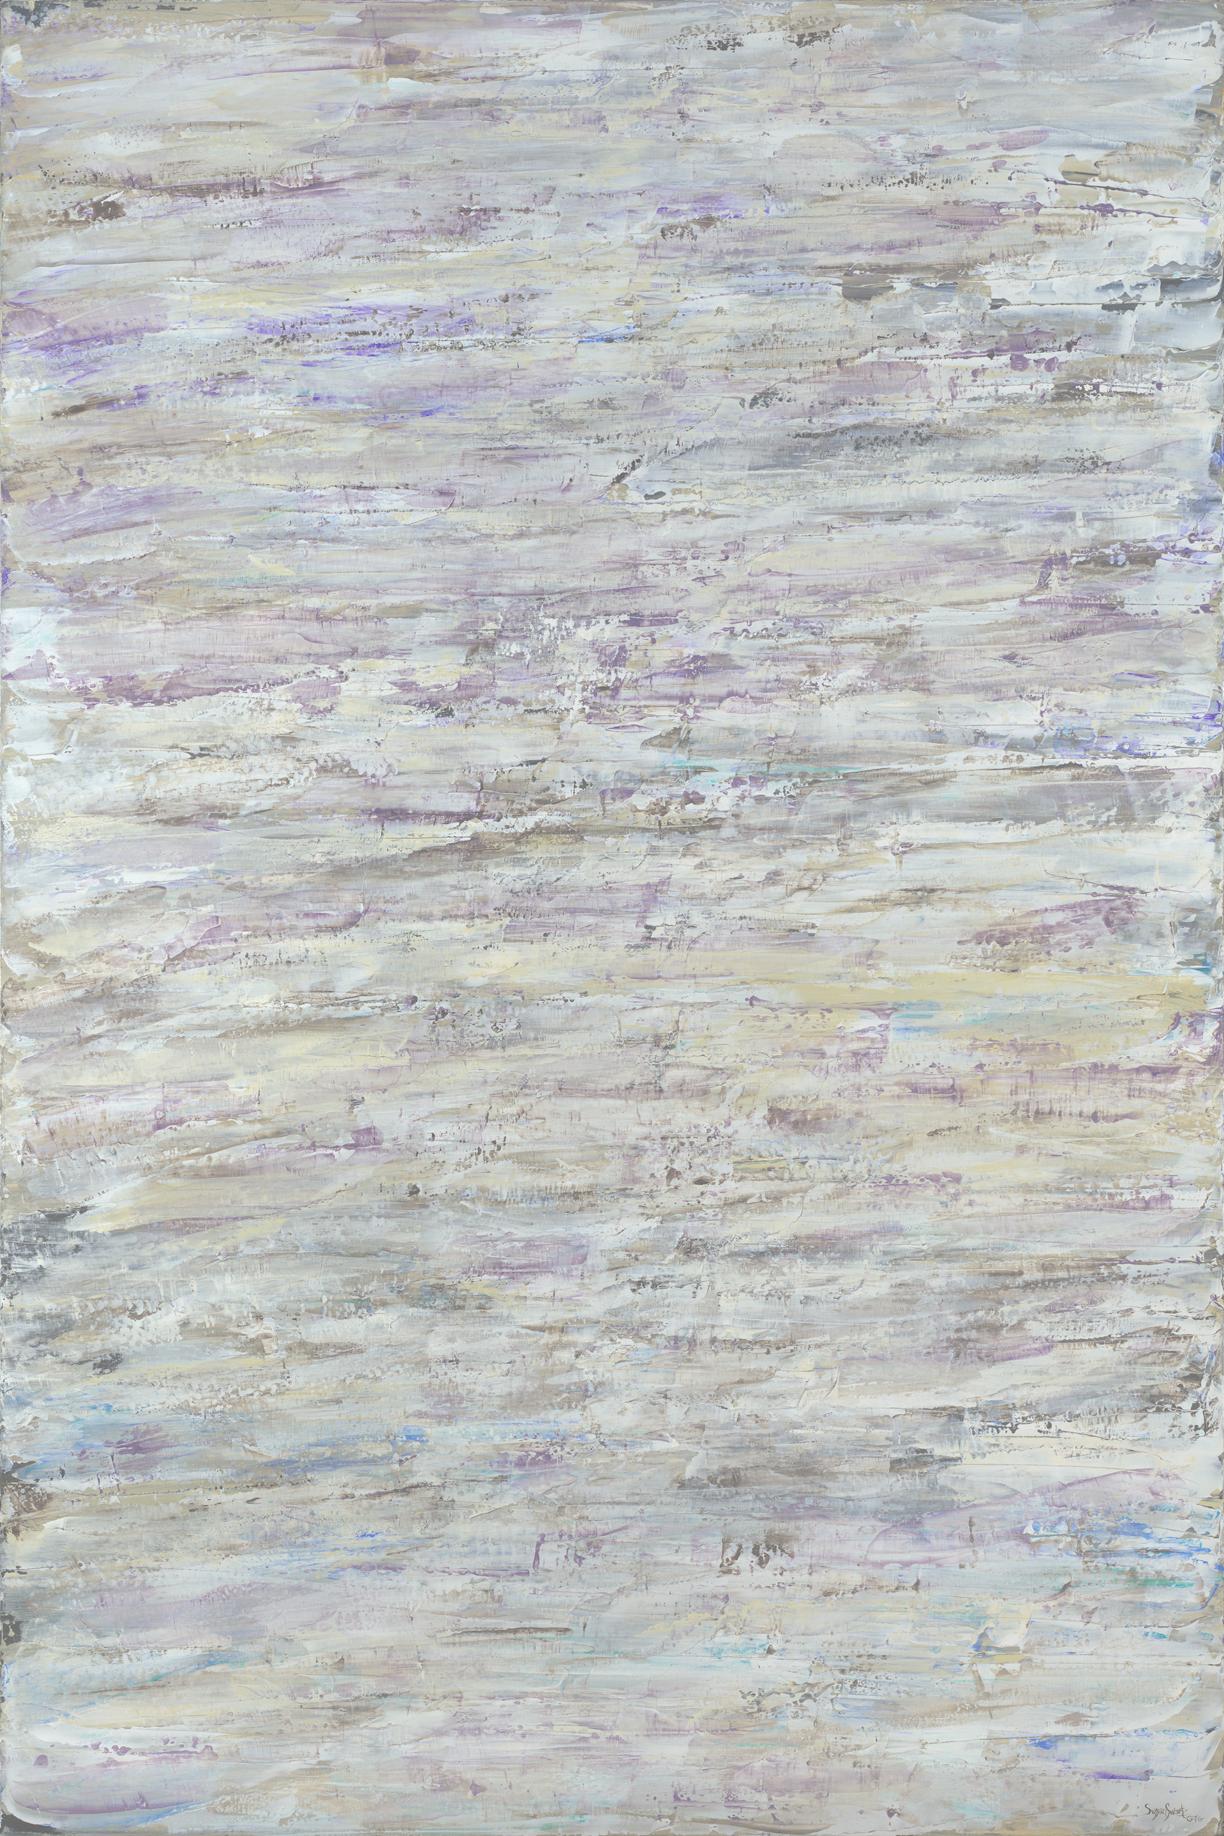 Quiet Interlude  48 x 72 in, 121.92 x 182.88 cm